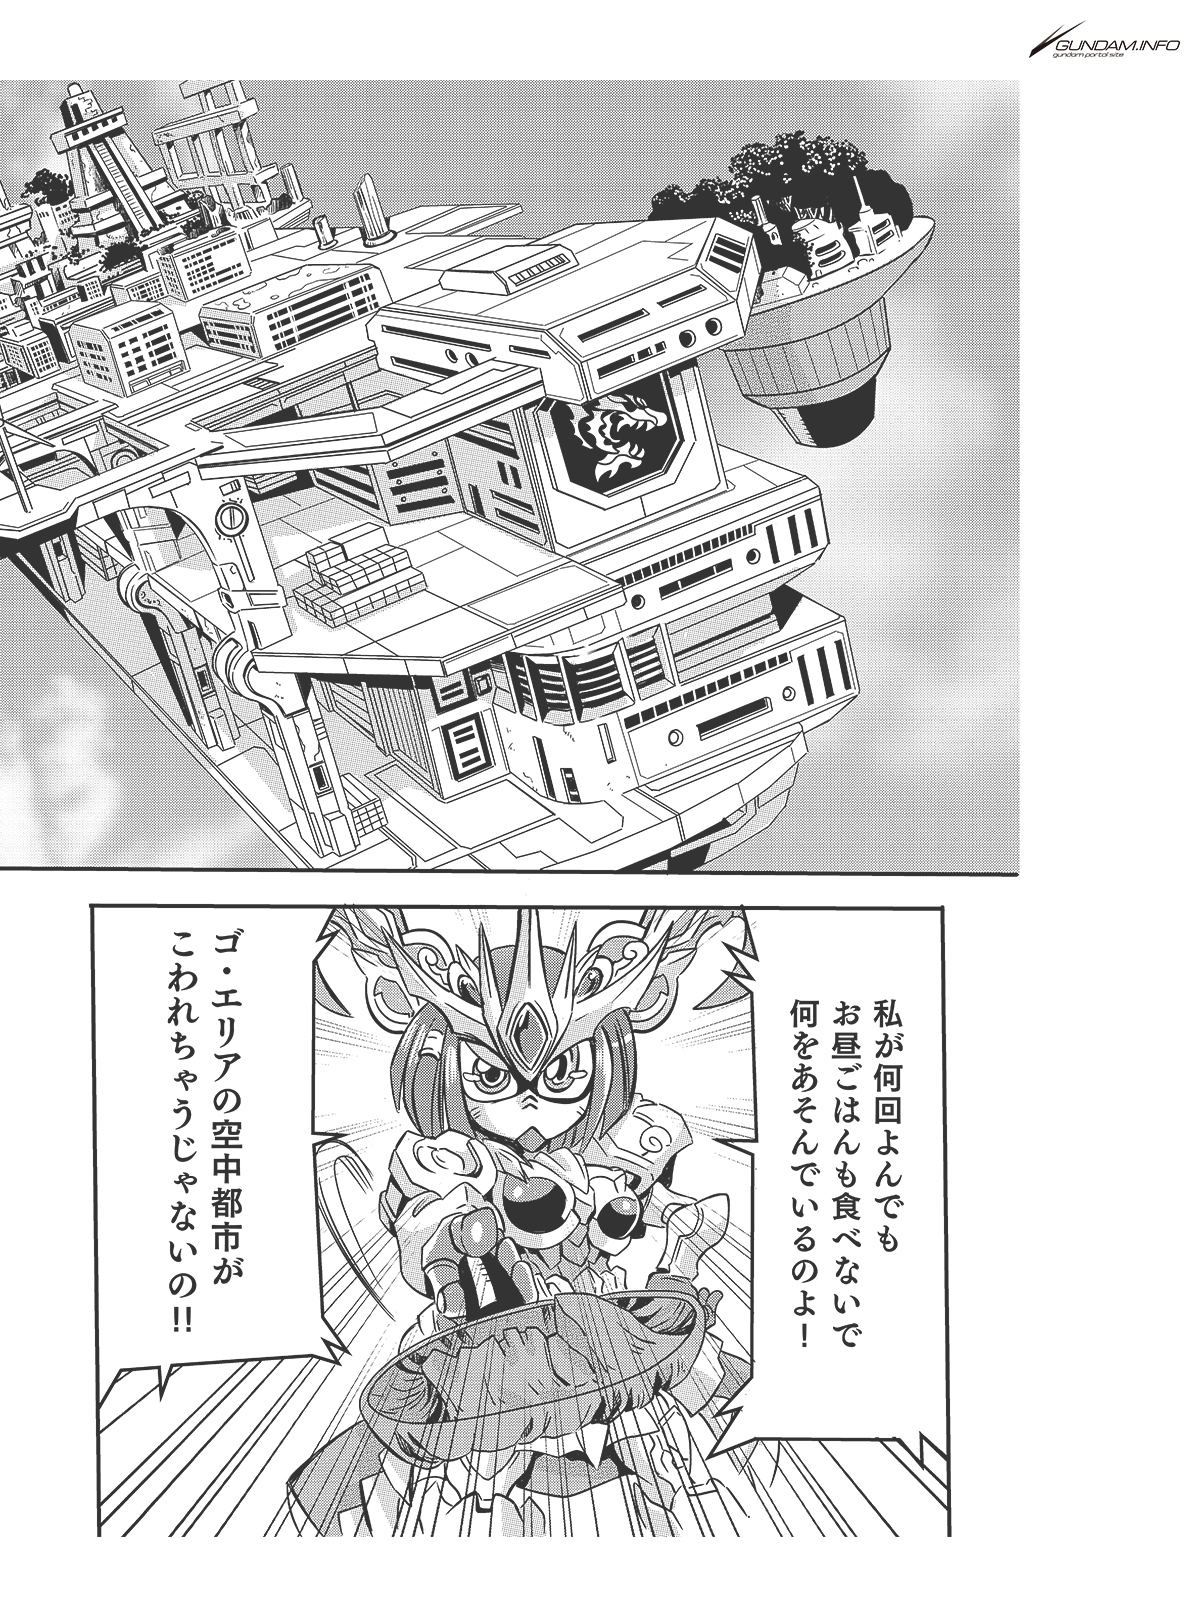 SDガンダムワールド 三国創傑伝 焔虎譚 第8話 P14